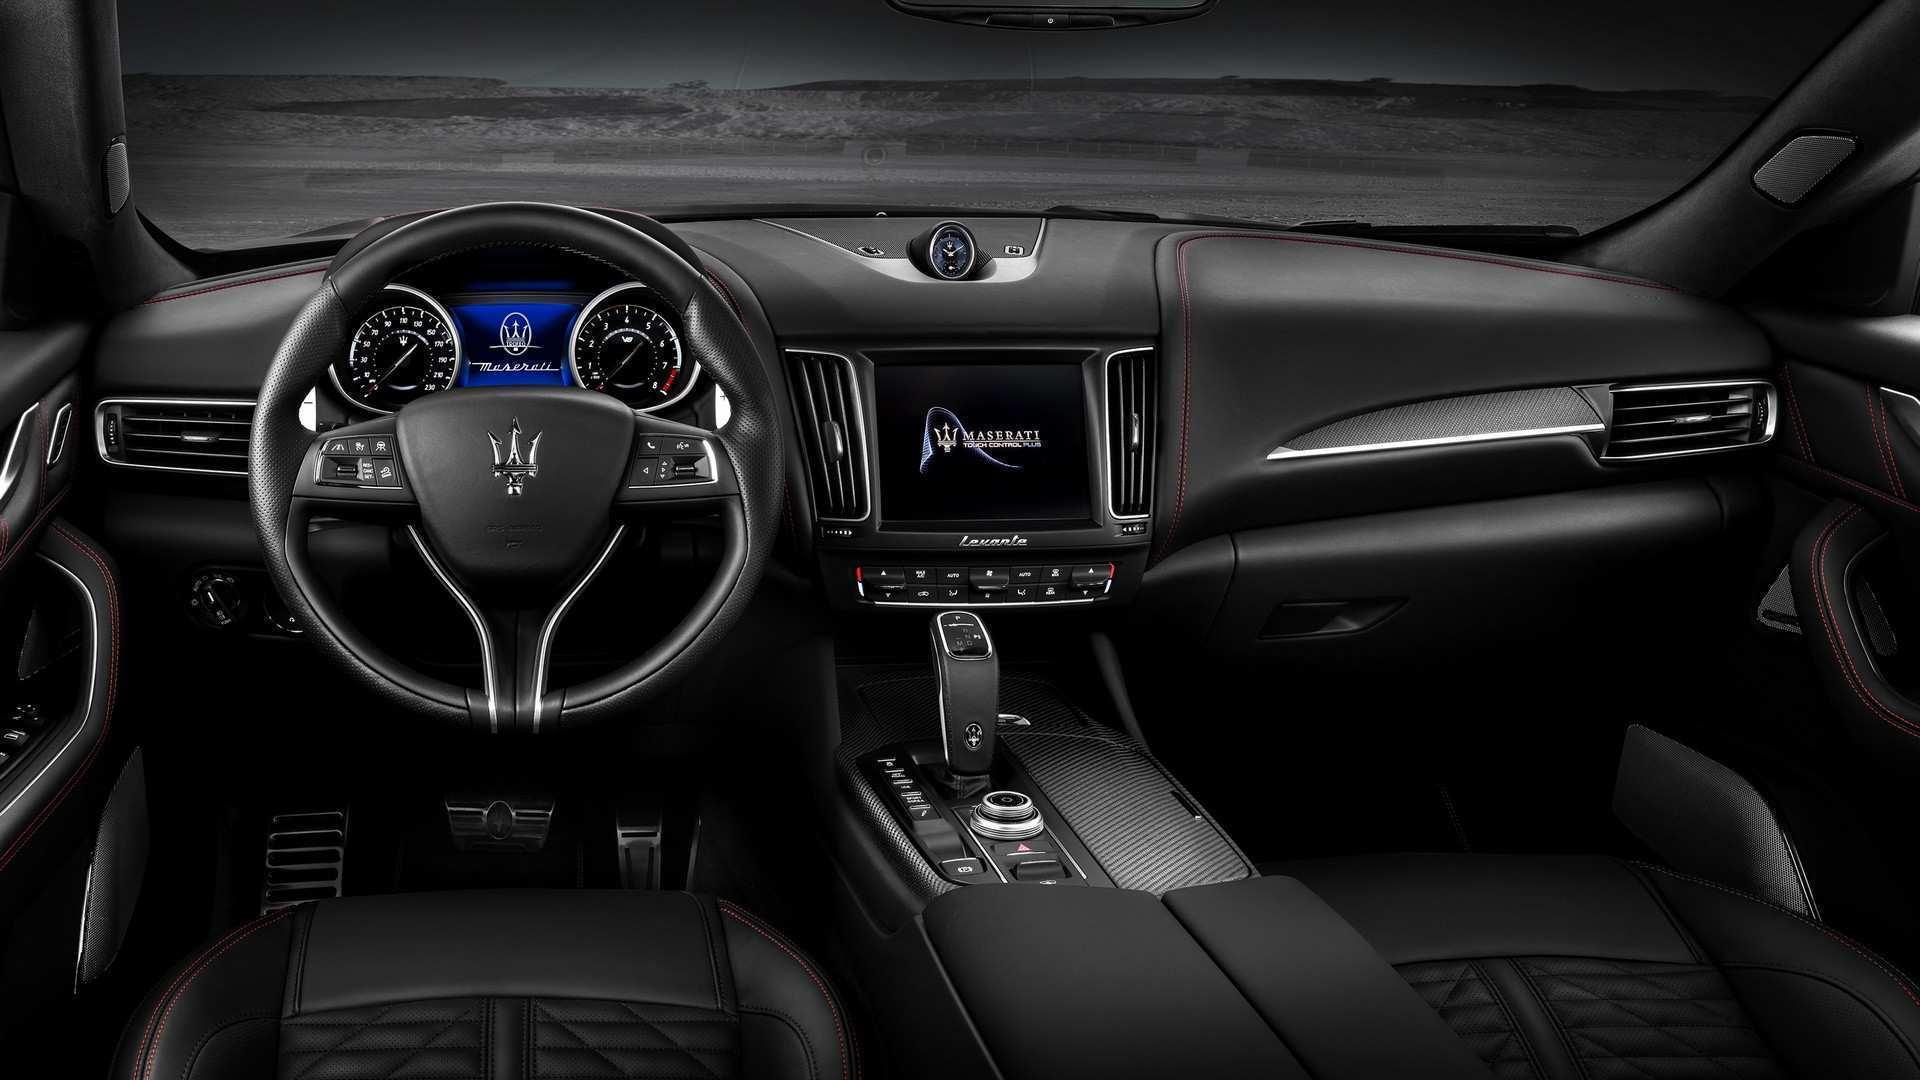 44 Gallery of 2019 Maserati Suv Pictures for 2019 Maserati Suv